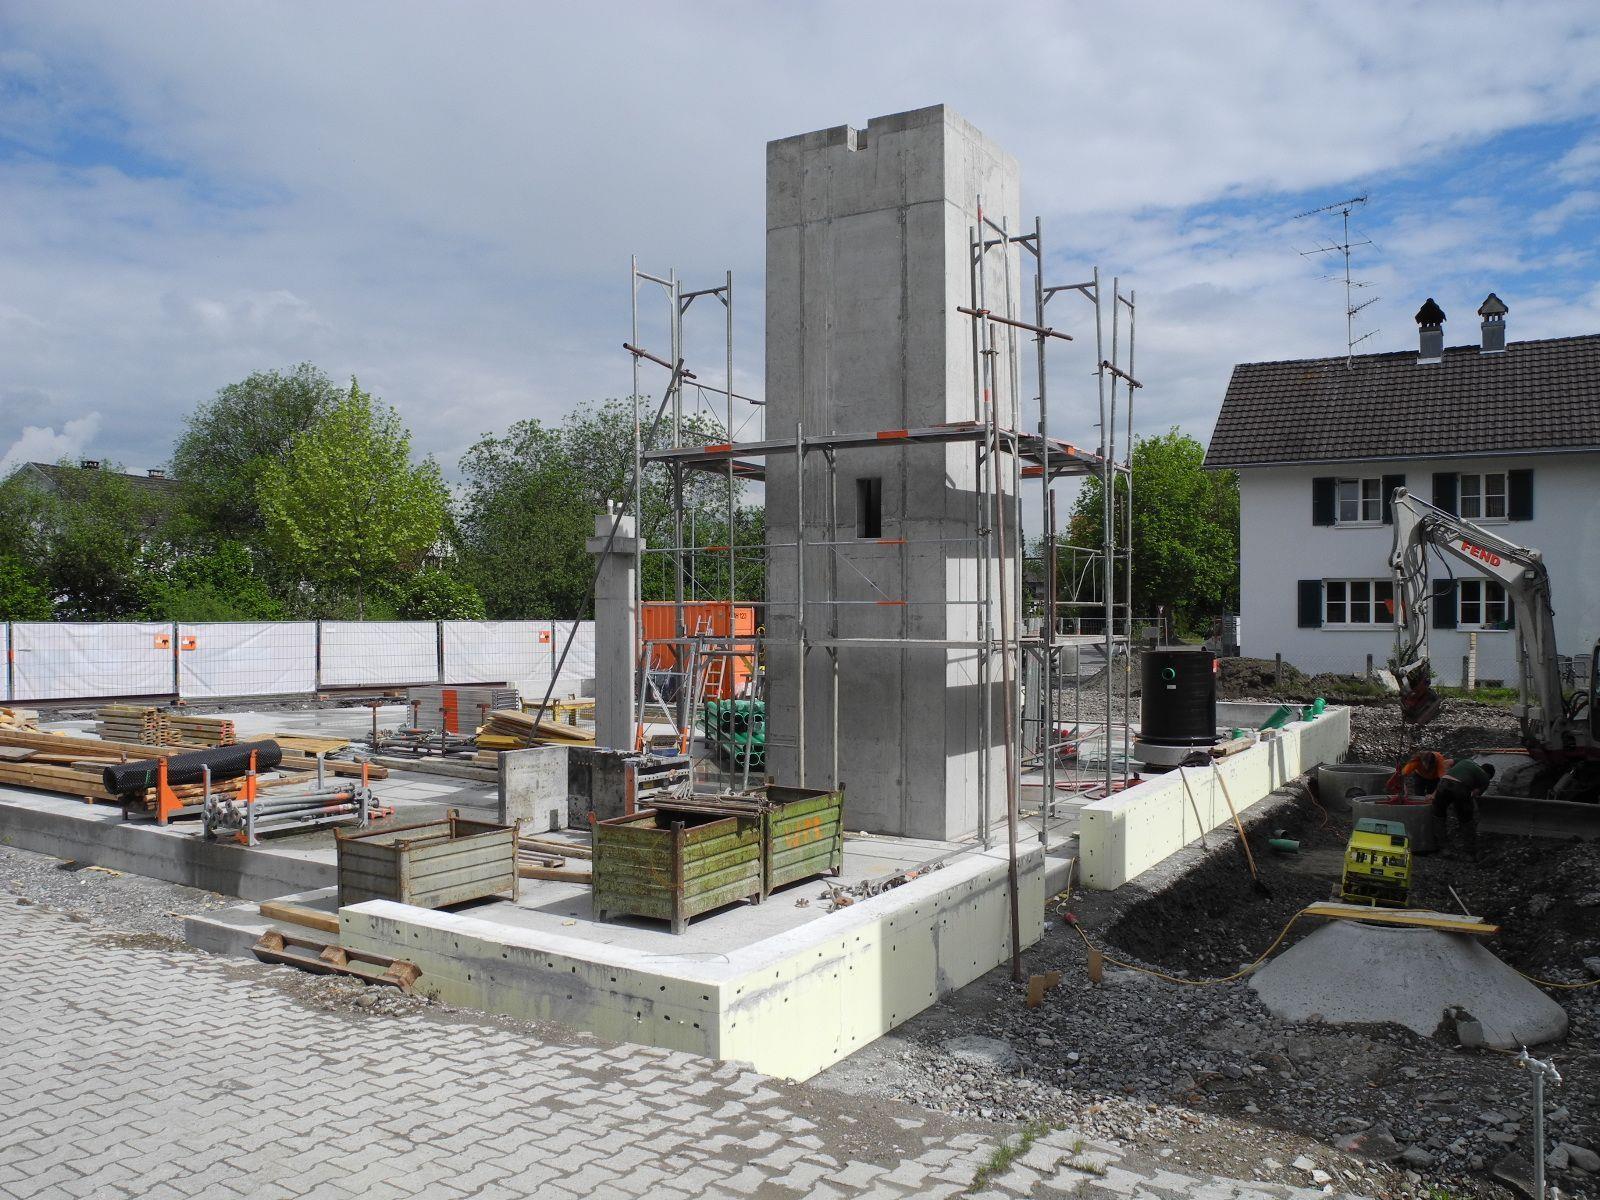 Die Betonarbeiten sind für das neue Pfarrzentrum Altenstadt abgeschlossen, mit dem Verlegen der Ver- und Entsorgungsleitungen wurde bereits begonnen